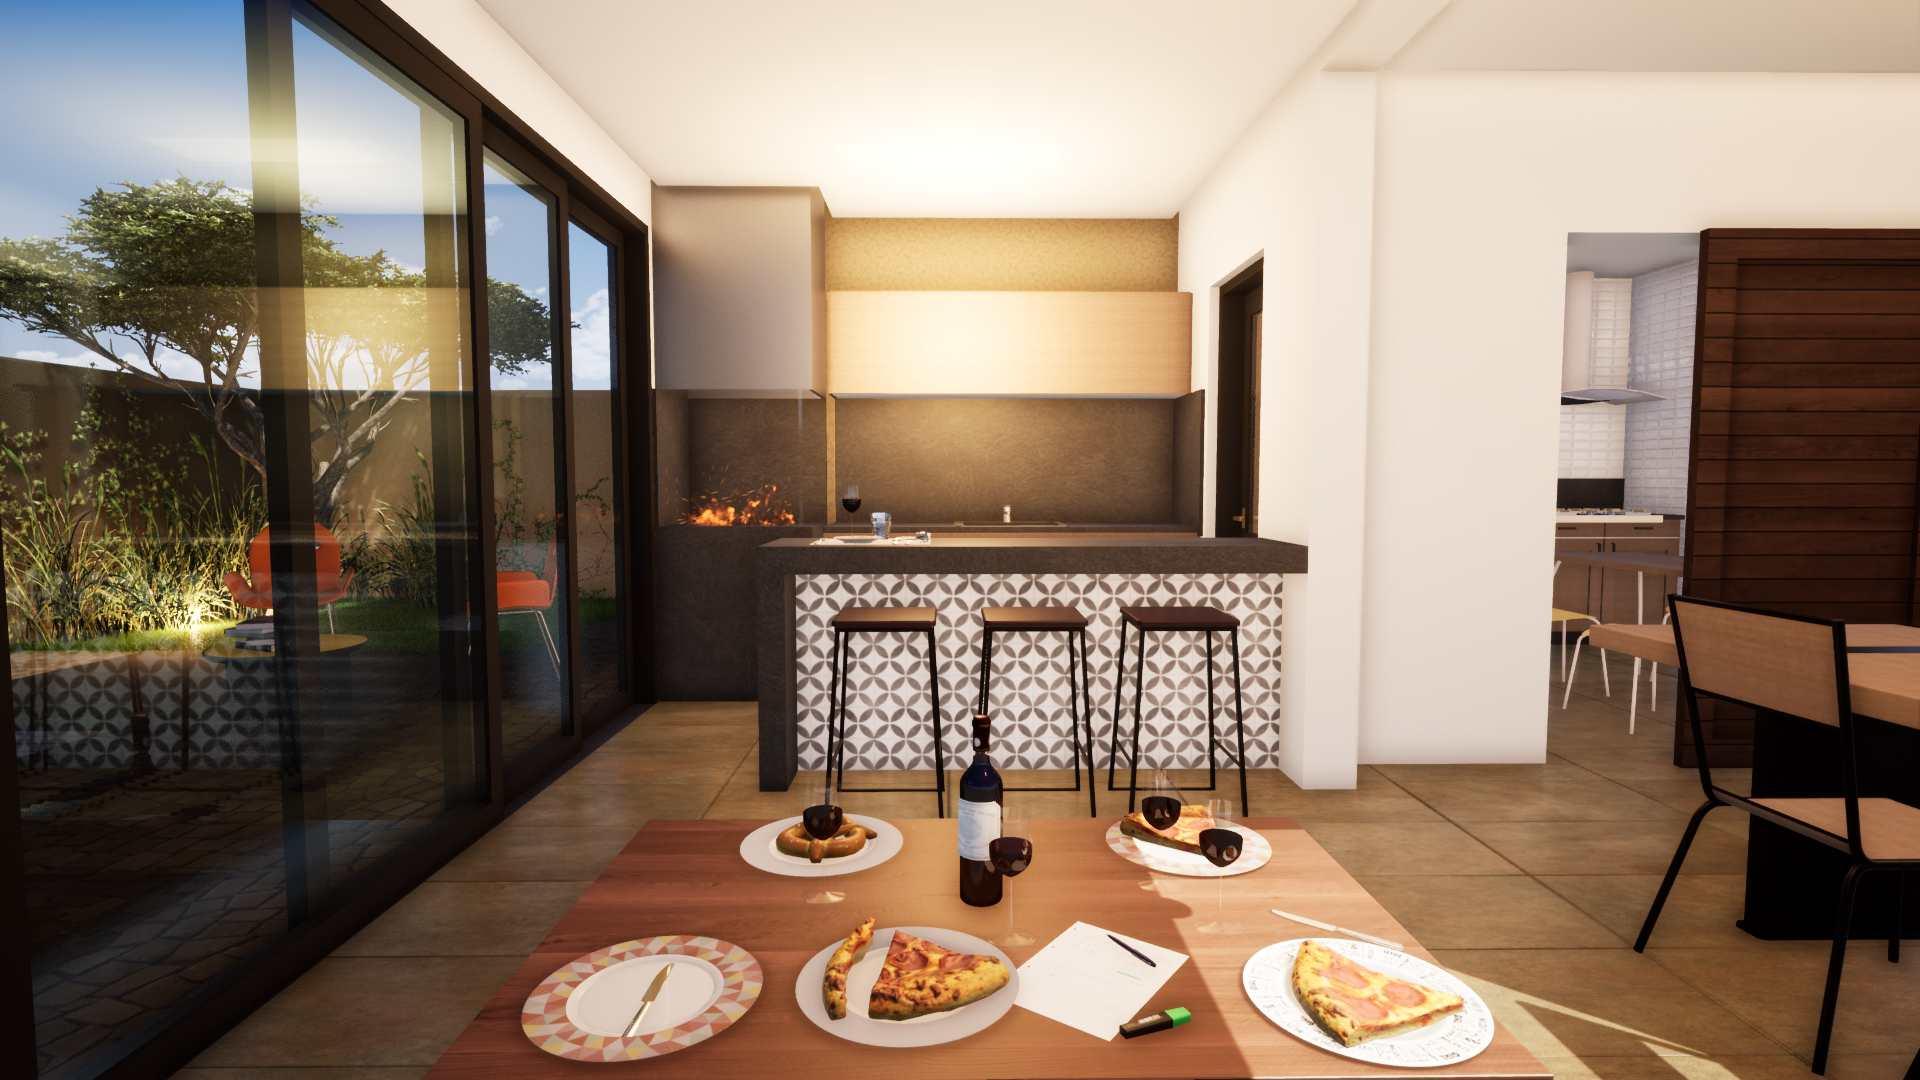 Casa de Condomínio 3 dorms, Ribeirão - R$ 1.04 mi, Cod: 1722630